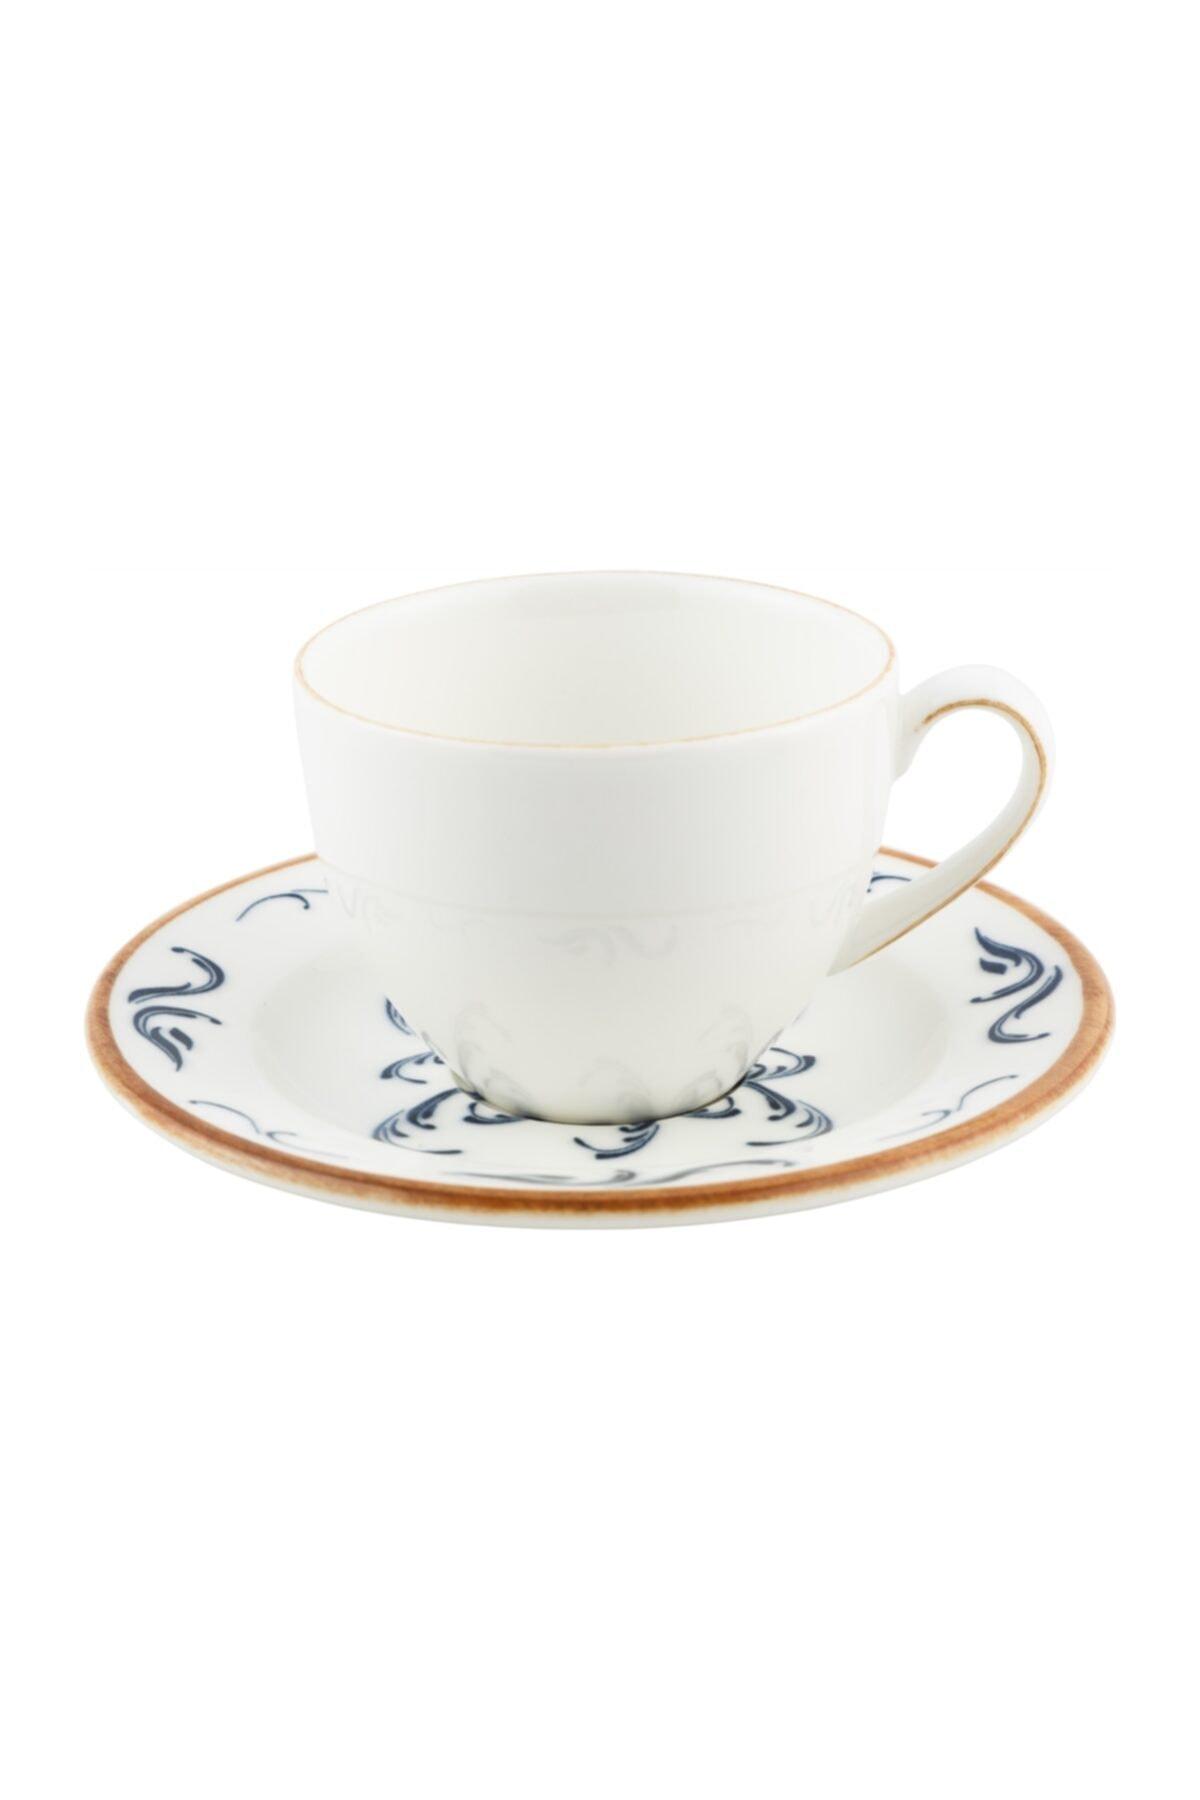 Marsılya Çay Fincanı 230 ml